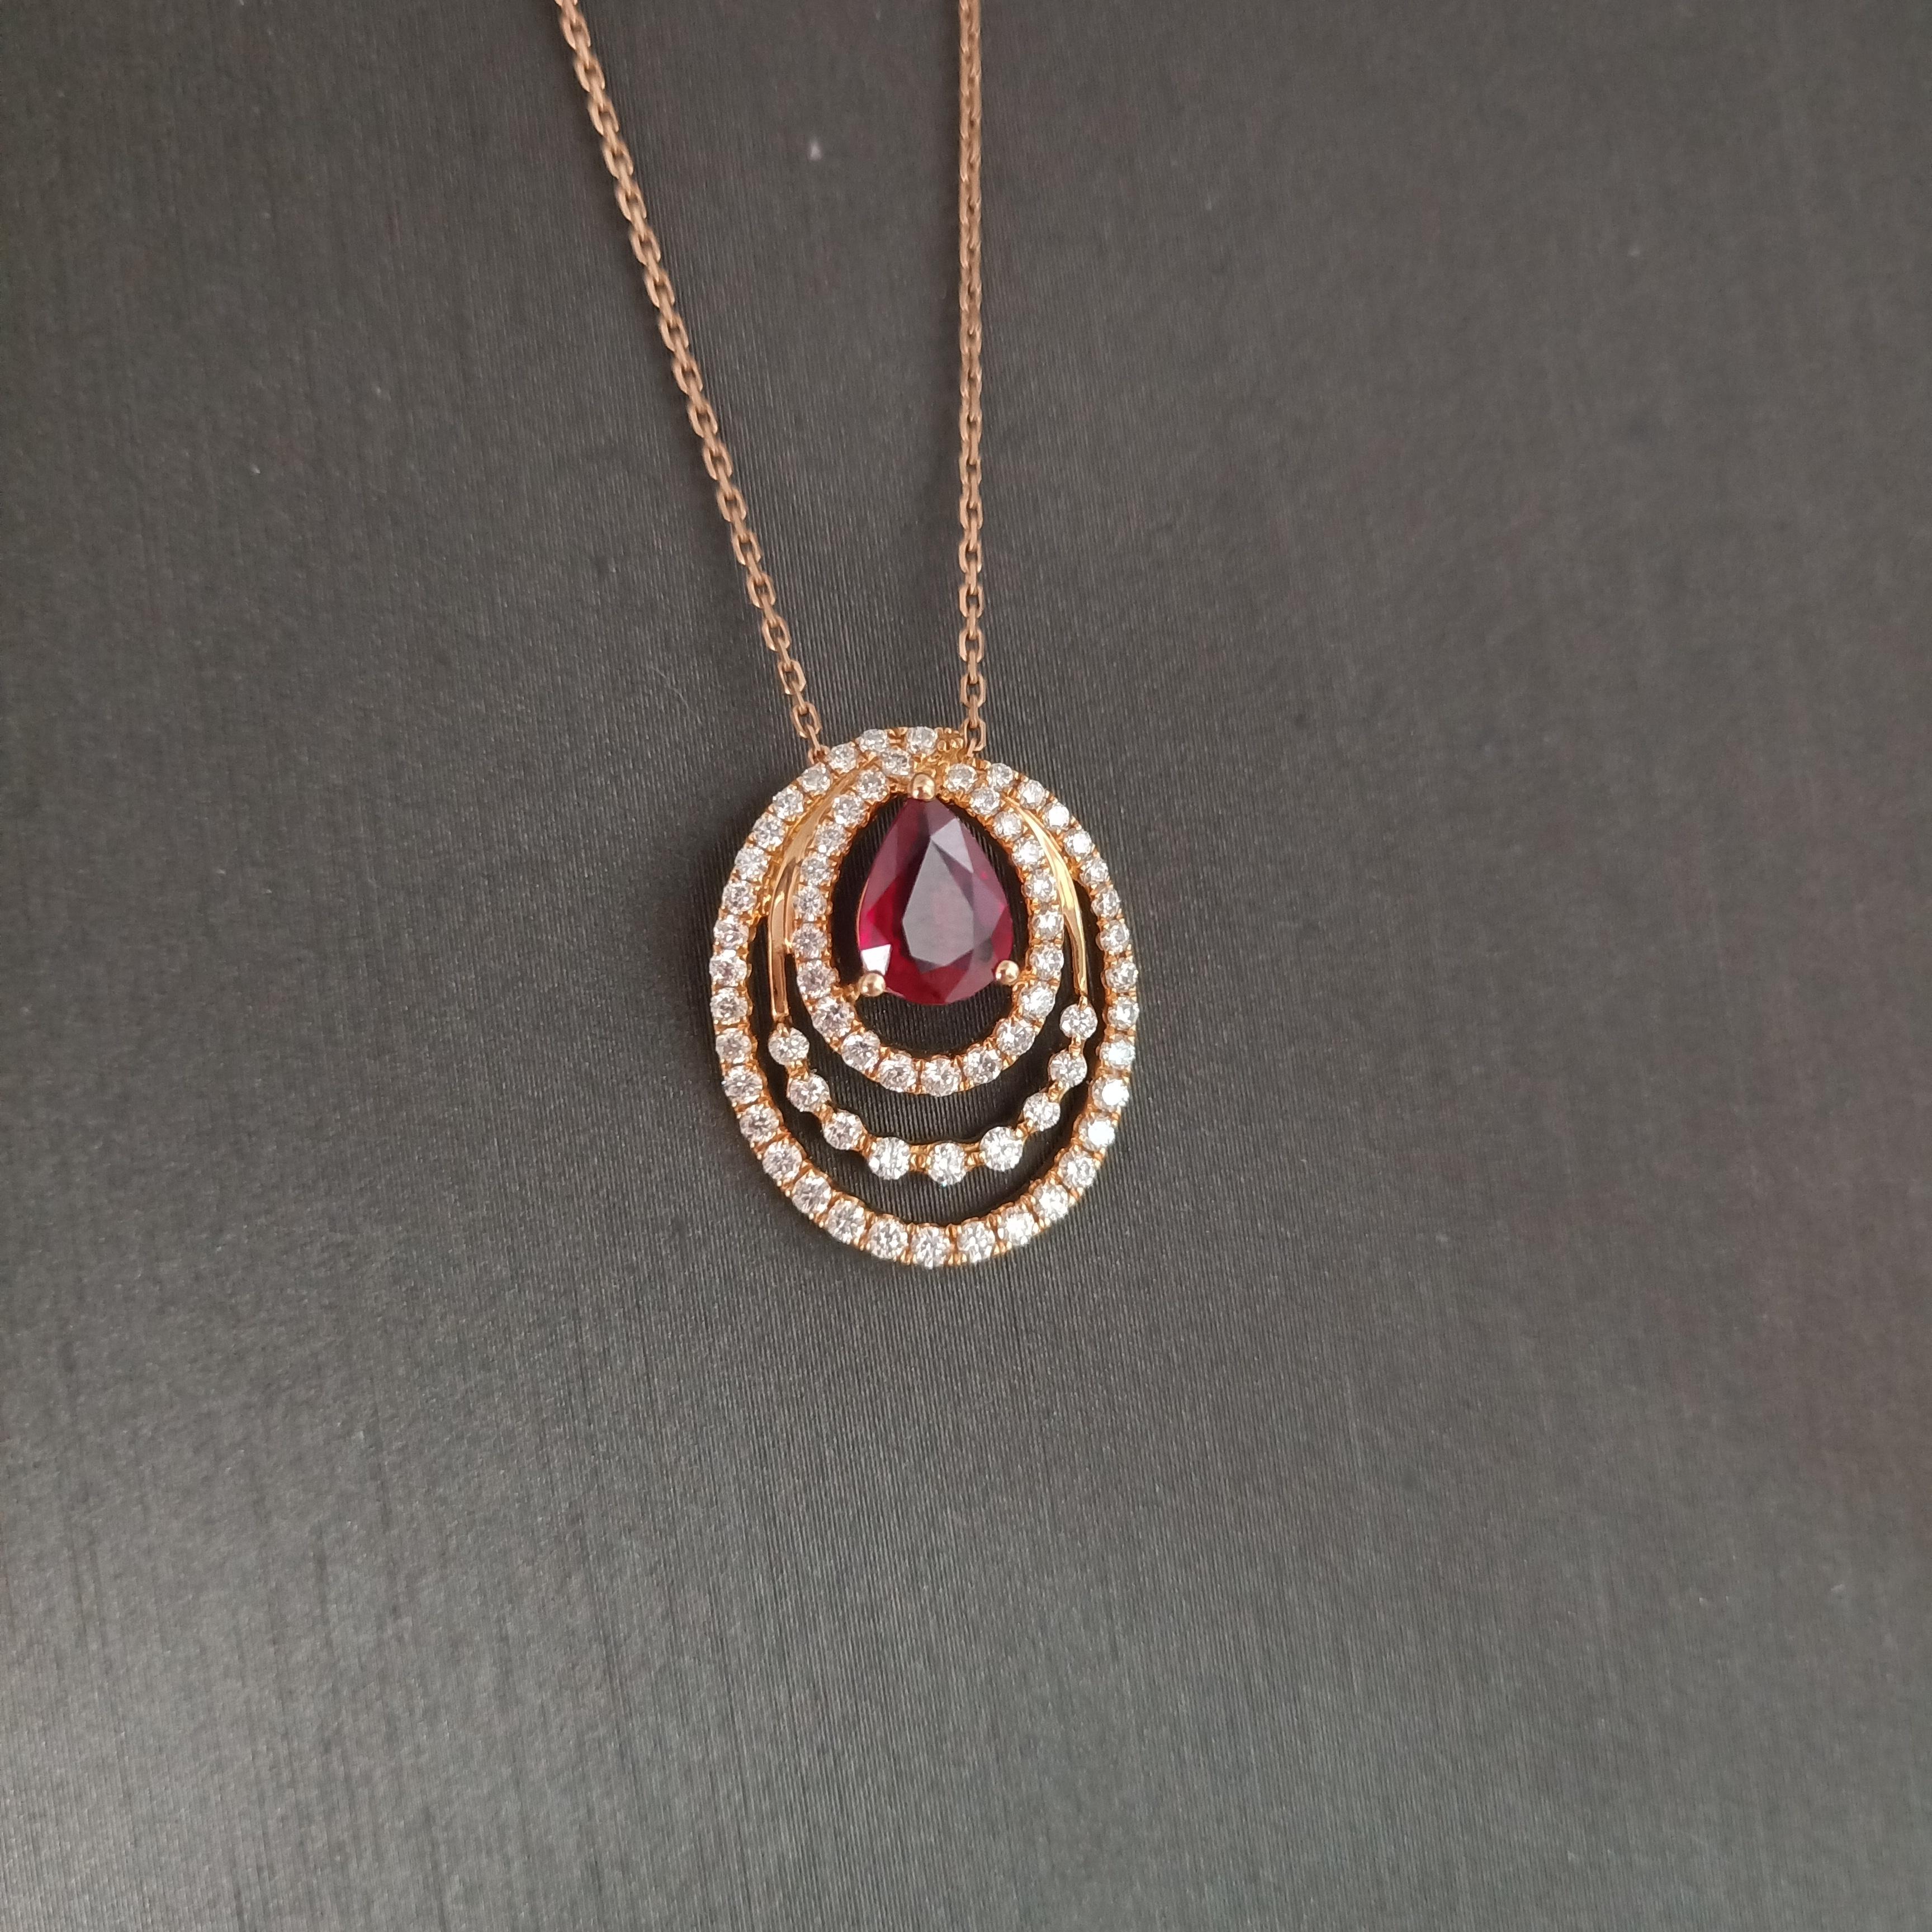 【吊坠】18K金+红宝石+钻石 宝石颜色纯正 主石:0.69ct/1P 货重:2.25g